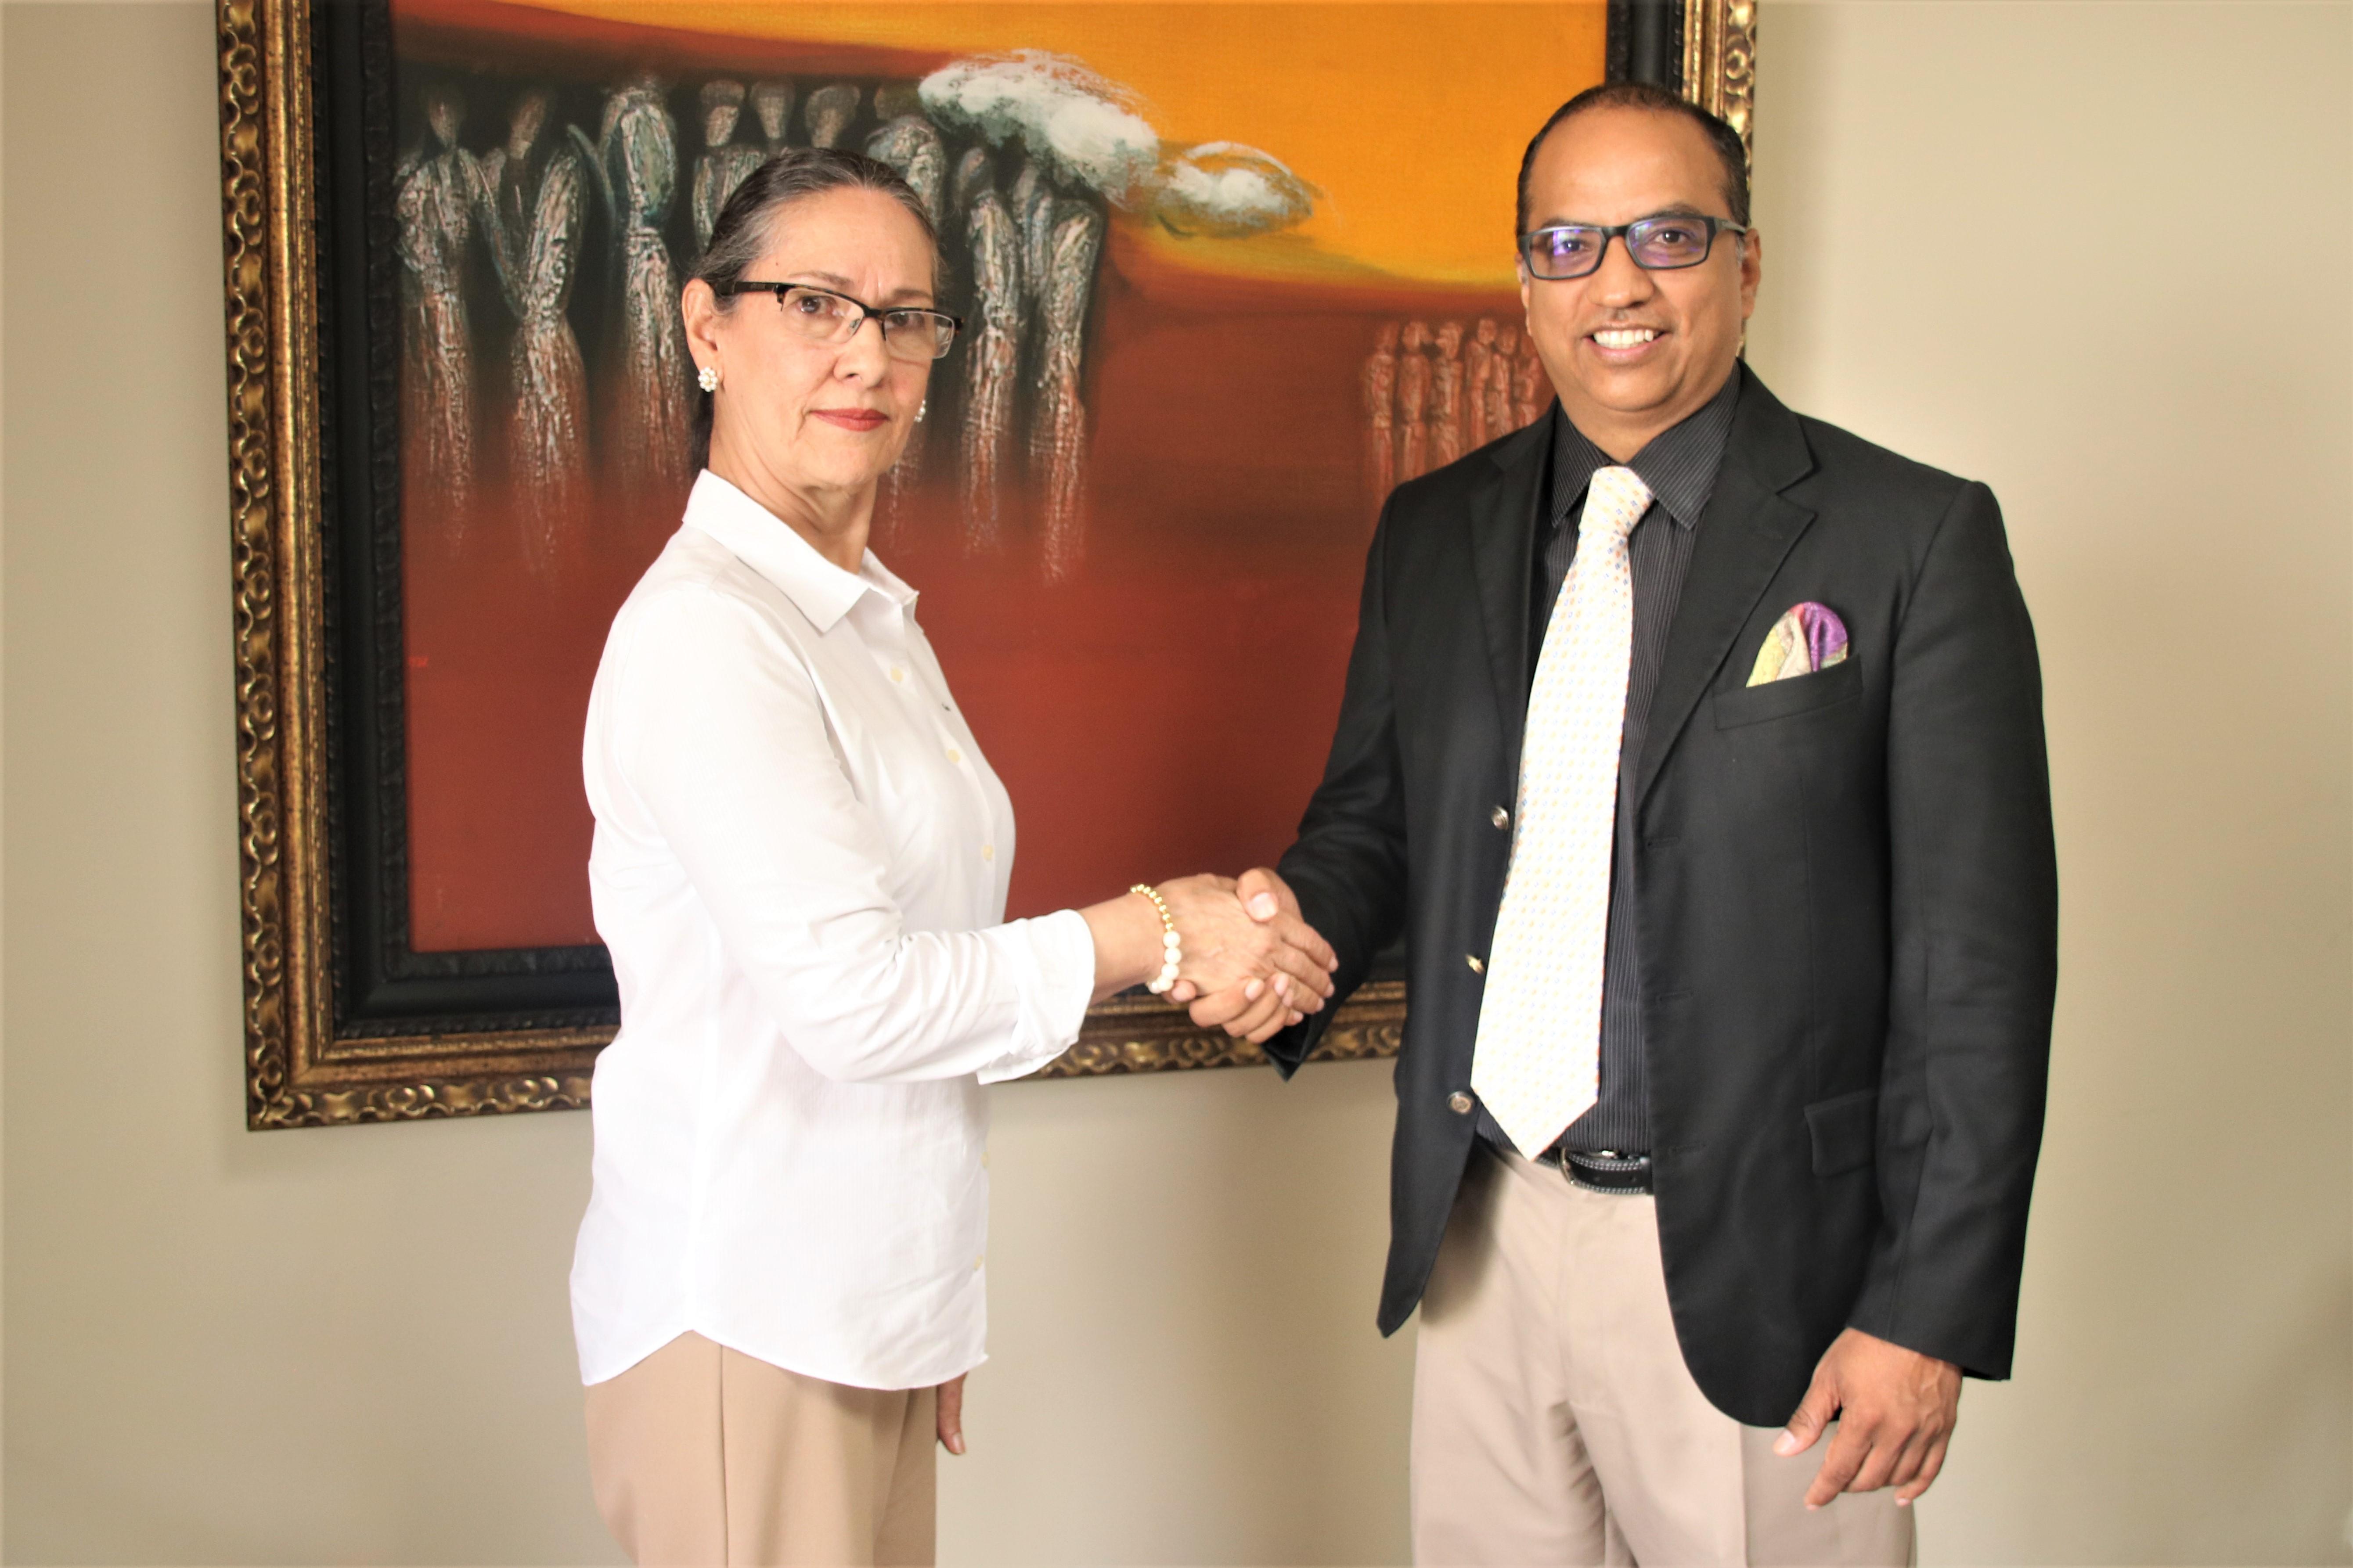 ICAP inicia año con excelentes noticias: Abre oficina en Panamá y Adquiere Inmueble de Oficinas Centrales